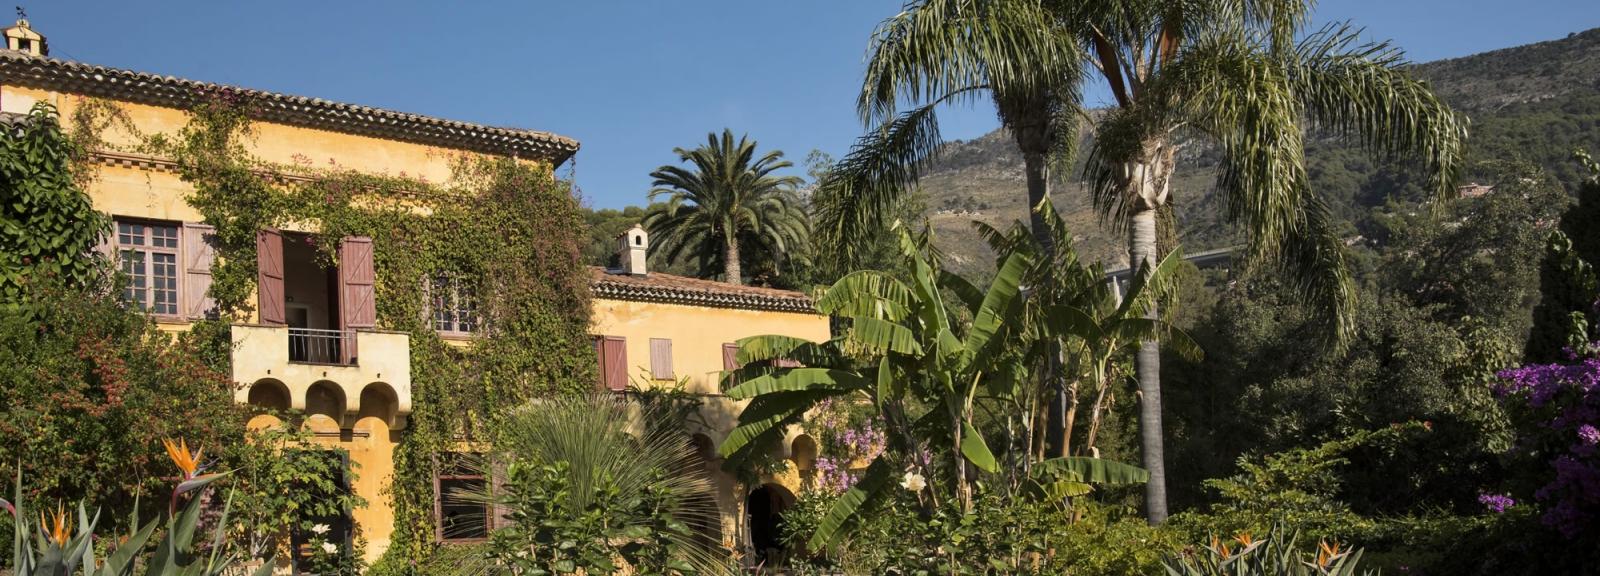 Jardin botanique du Val Rahmeh - Menton - Vue de la maison depuis le jardin © MNHN - A. Iatzoura